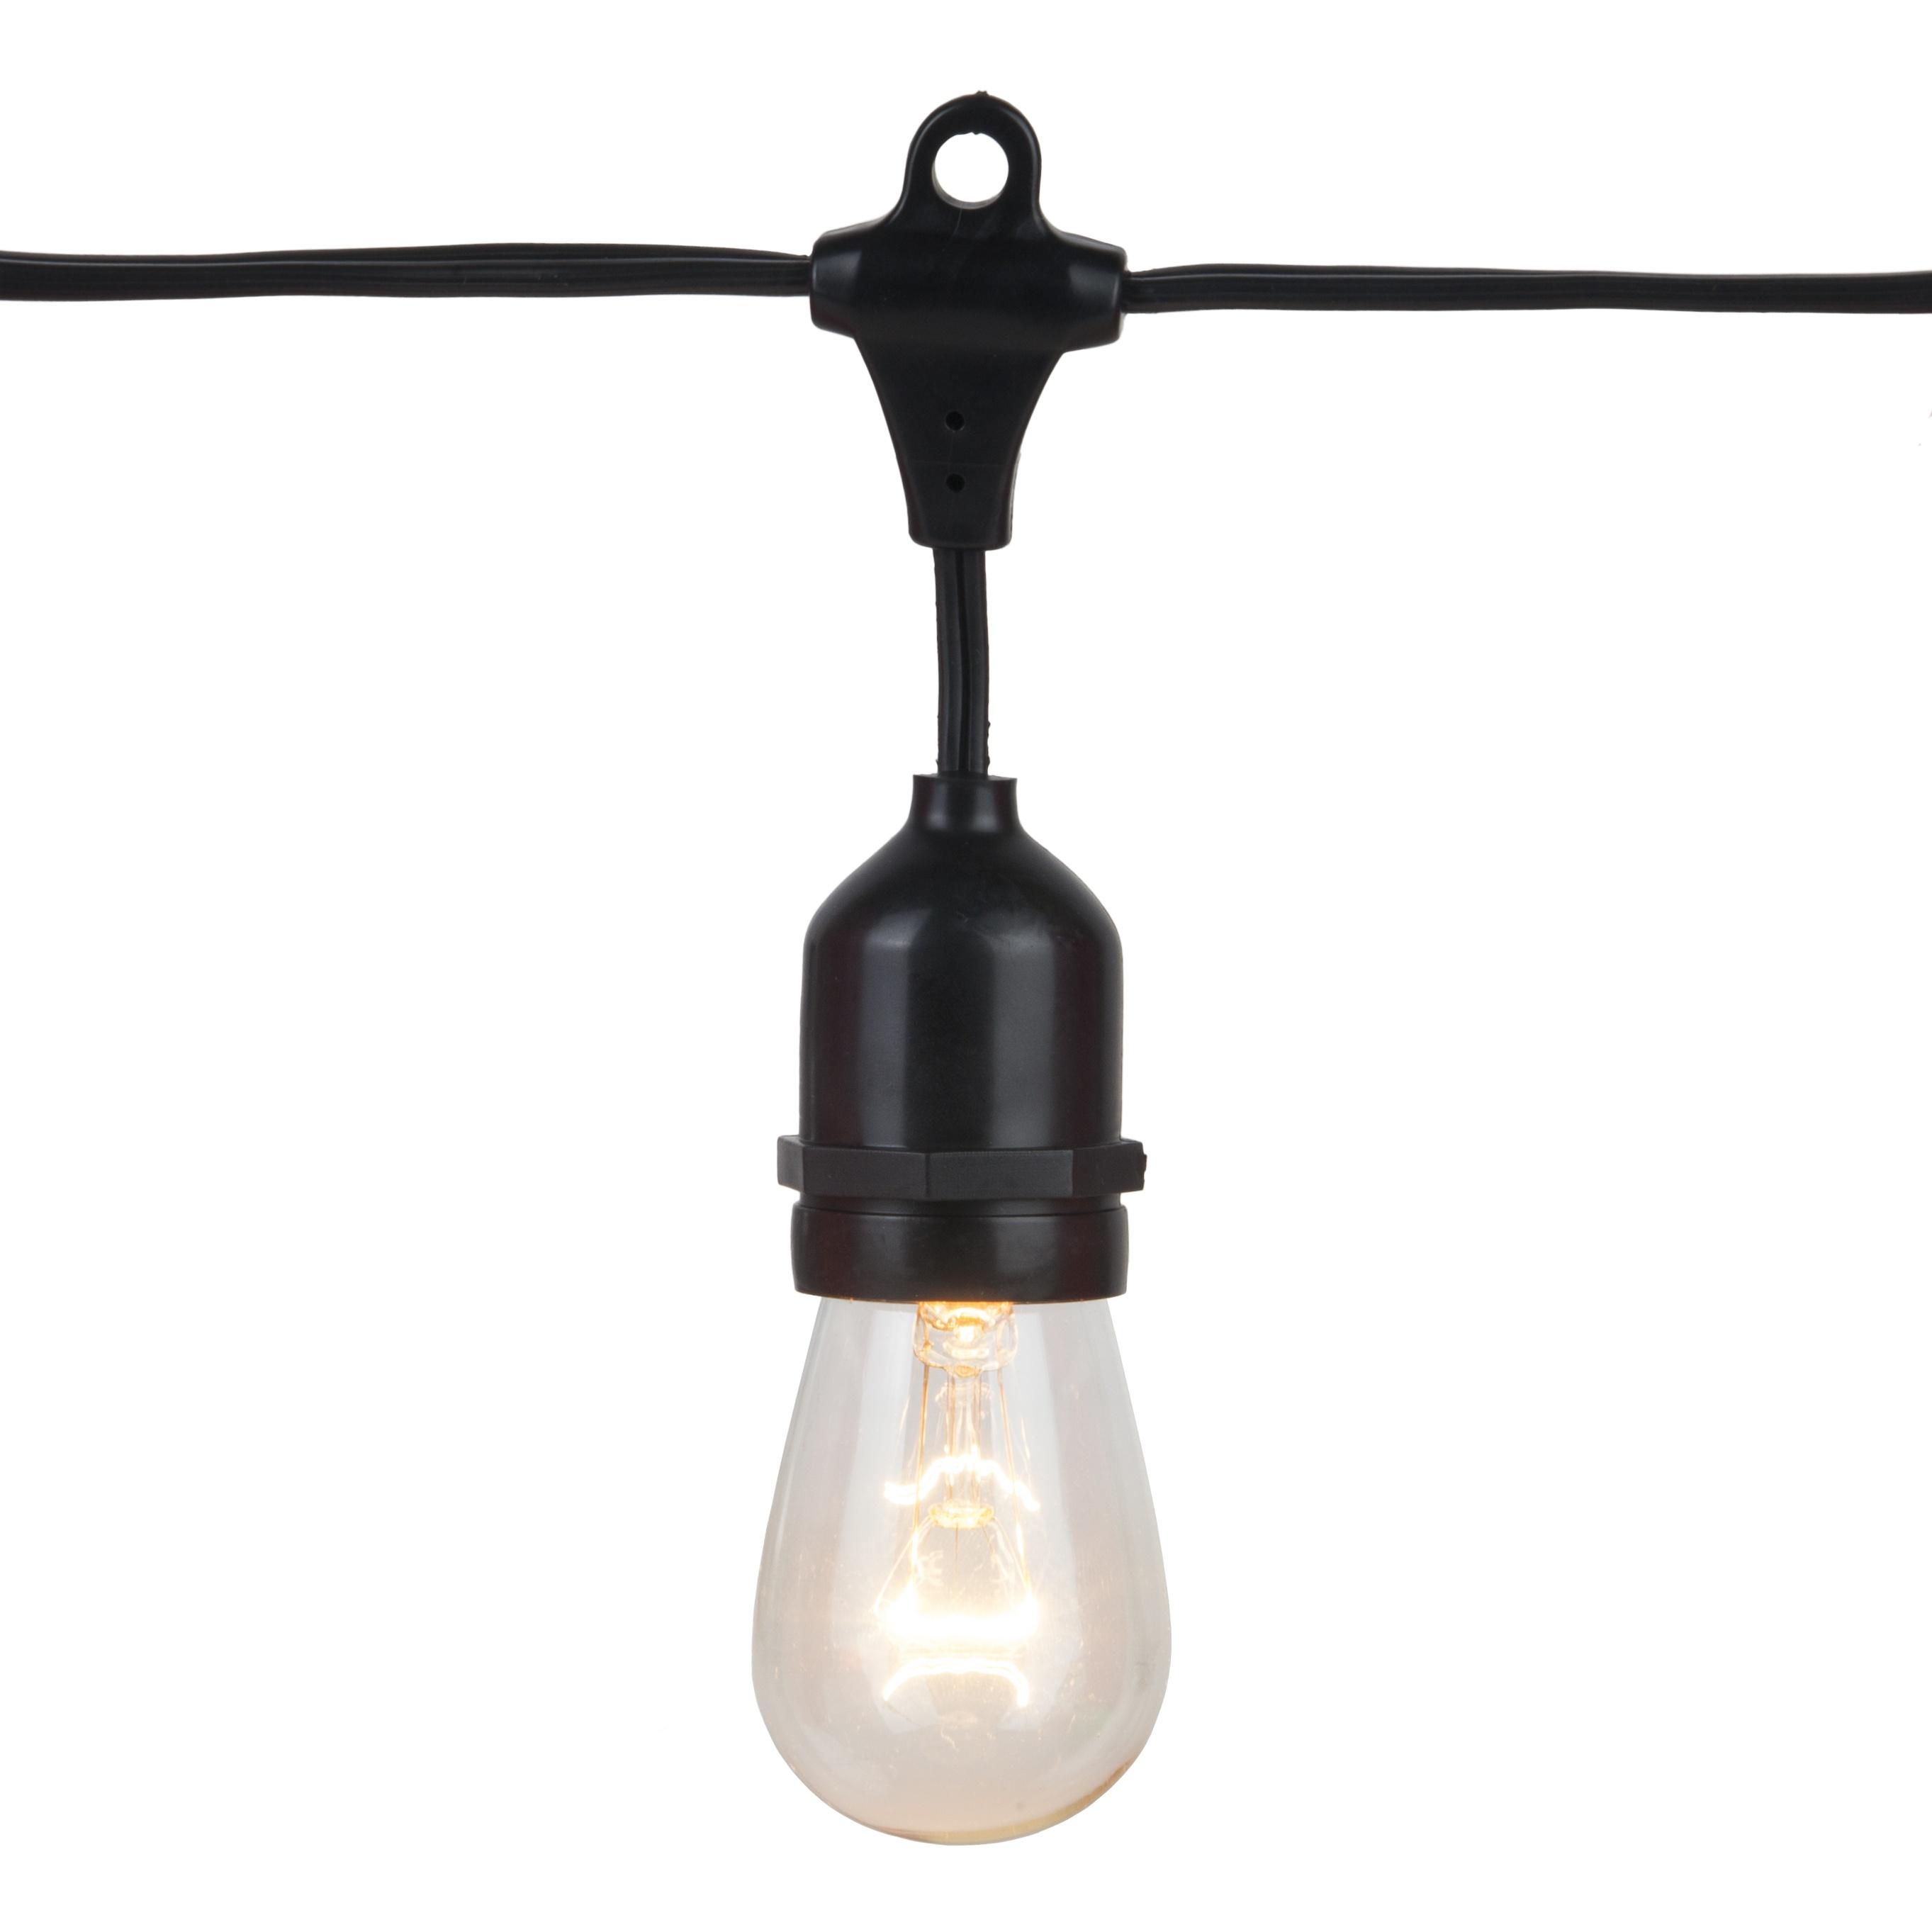 Commercial Patio Light String, Suspended E26 Medium Sockets - Yard Envy